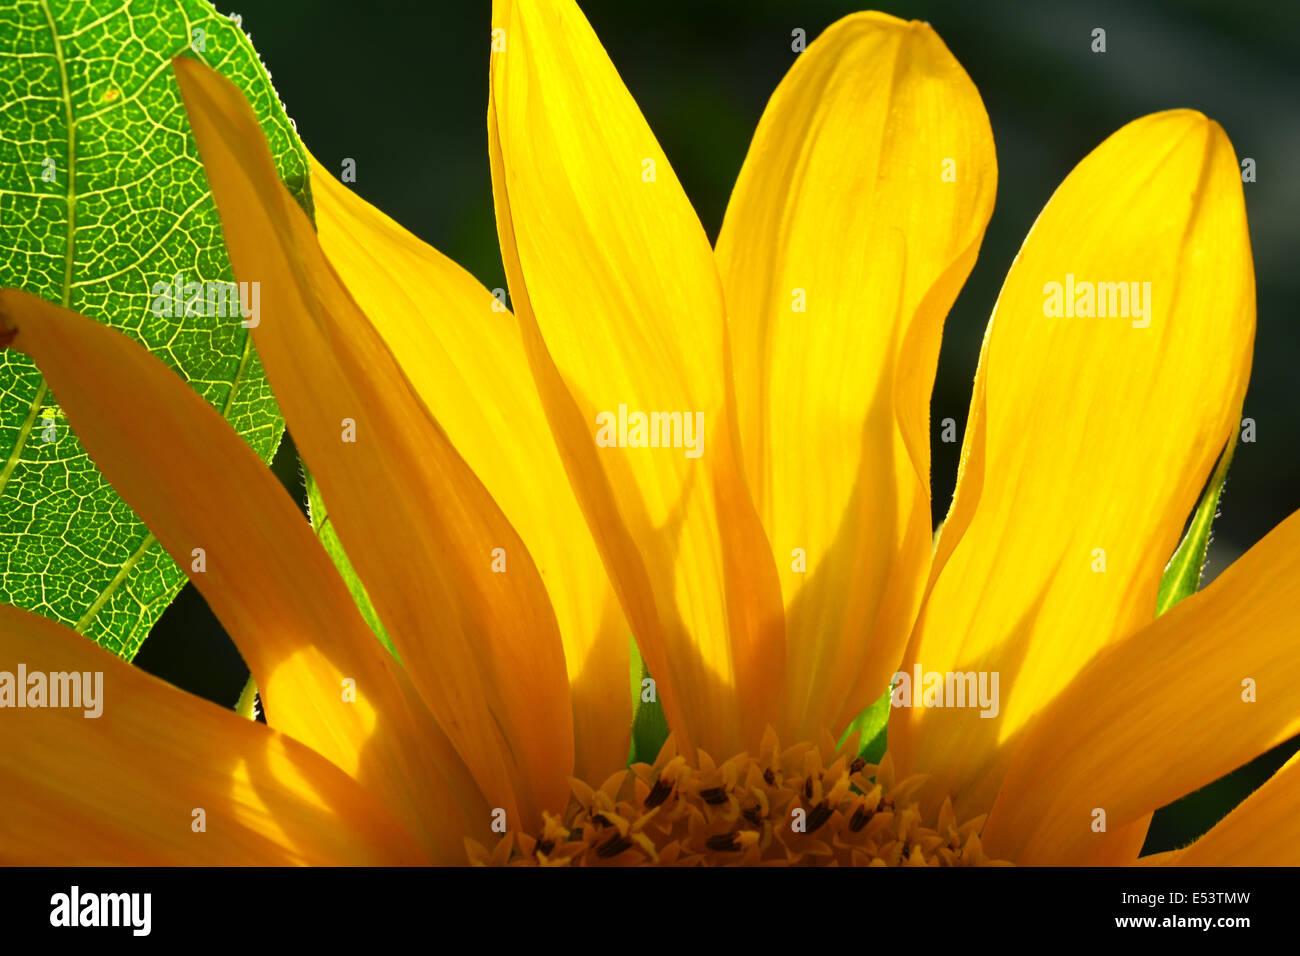 Sonnenblumen-Blütenblätter in Nahaufnahme Stockbild